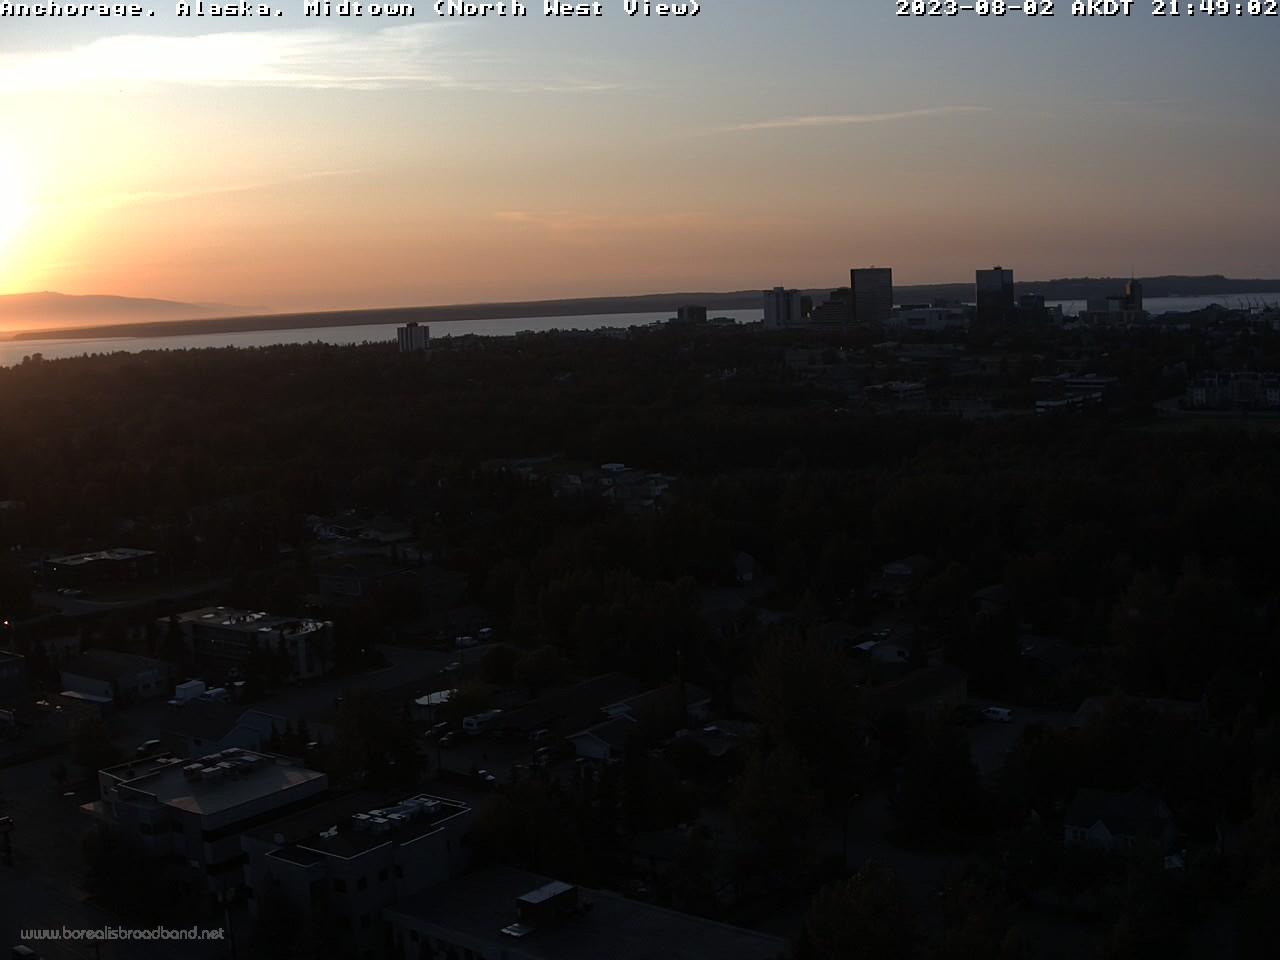 Anchorage, Alaska Thu. 21:49